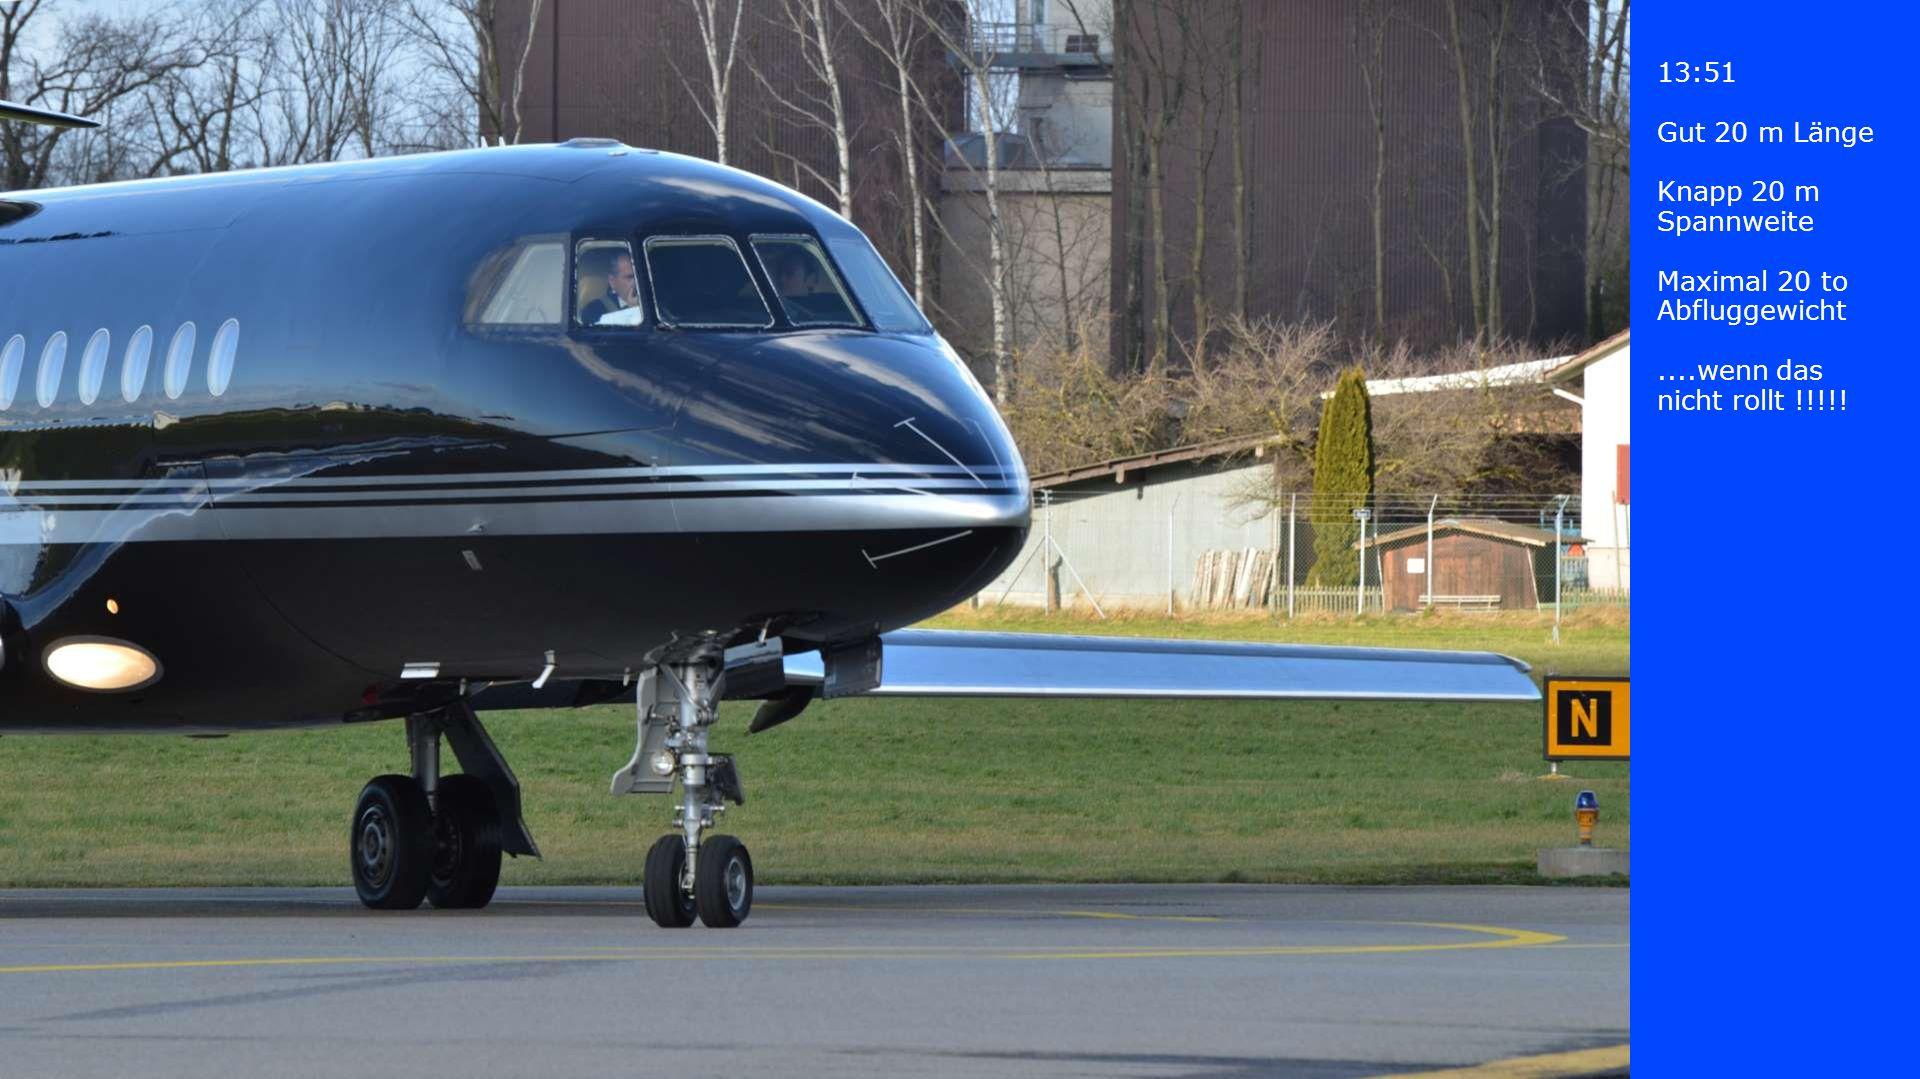 13:51 Gut 20 m Länge Knapp 20 m Spannweite Maximal 20 to Abfluggewicht....wenn das nicht rollt !!!!!